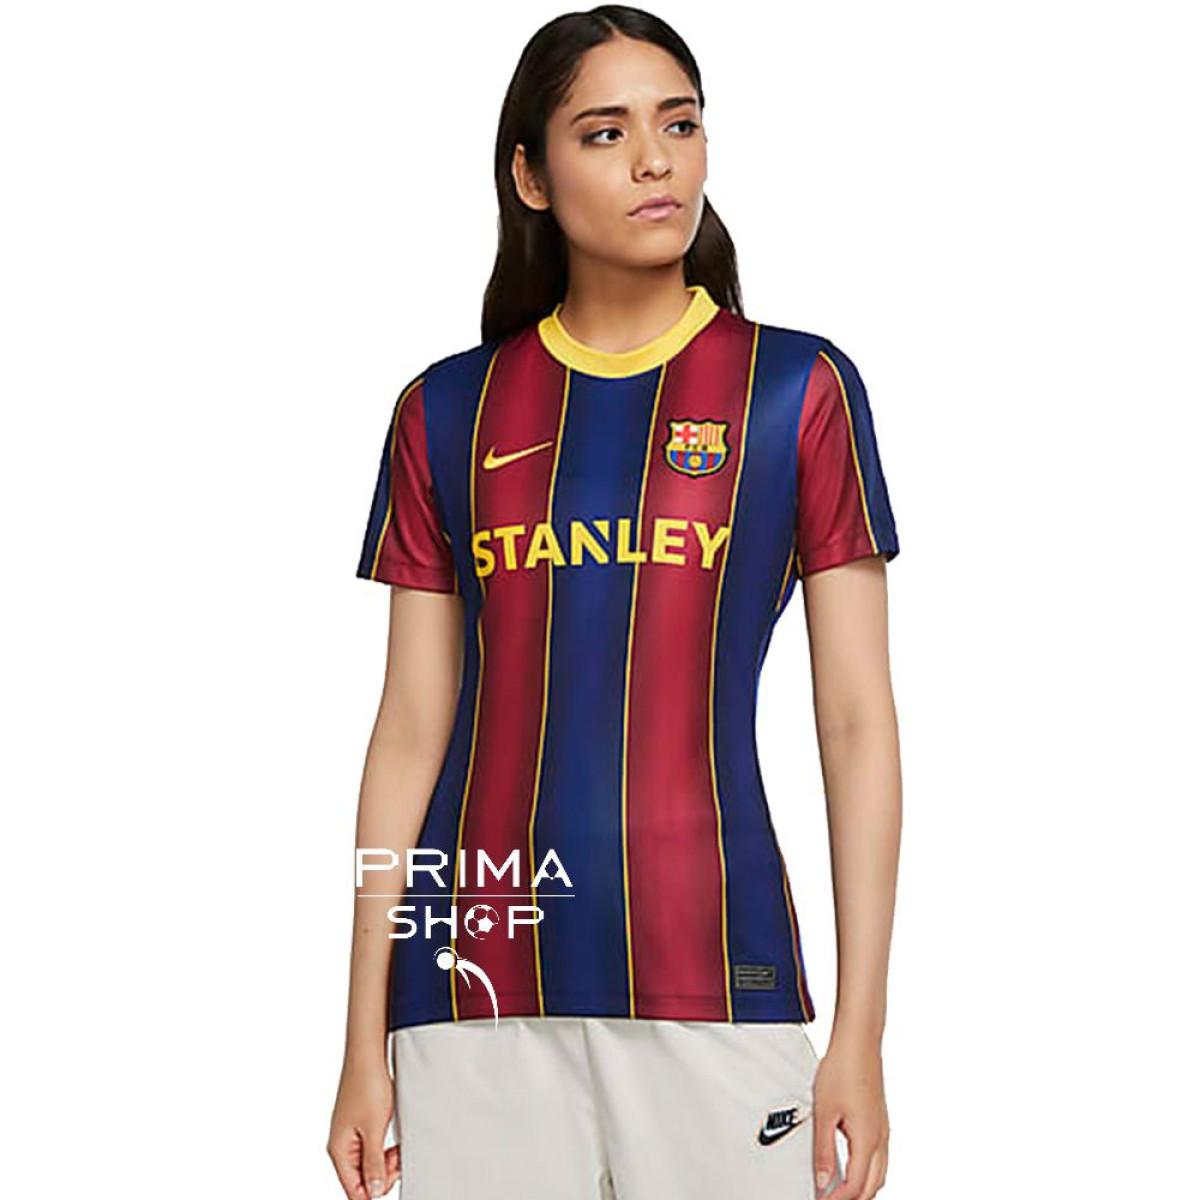 لباس اول بارسلونا زنانه 2021